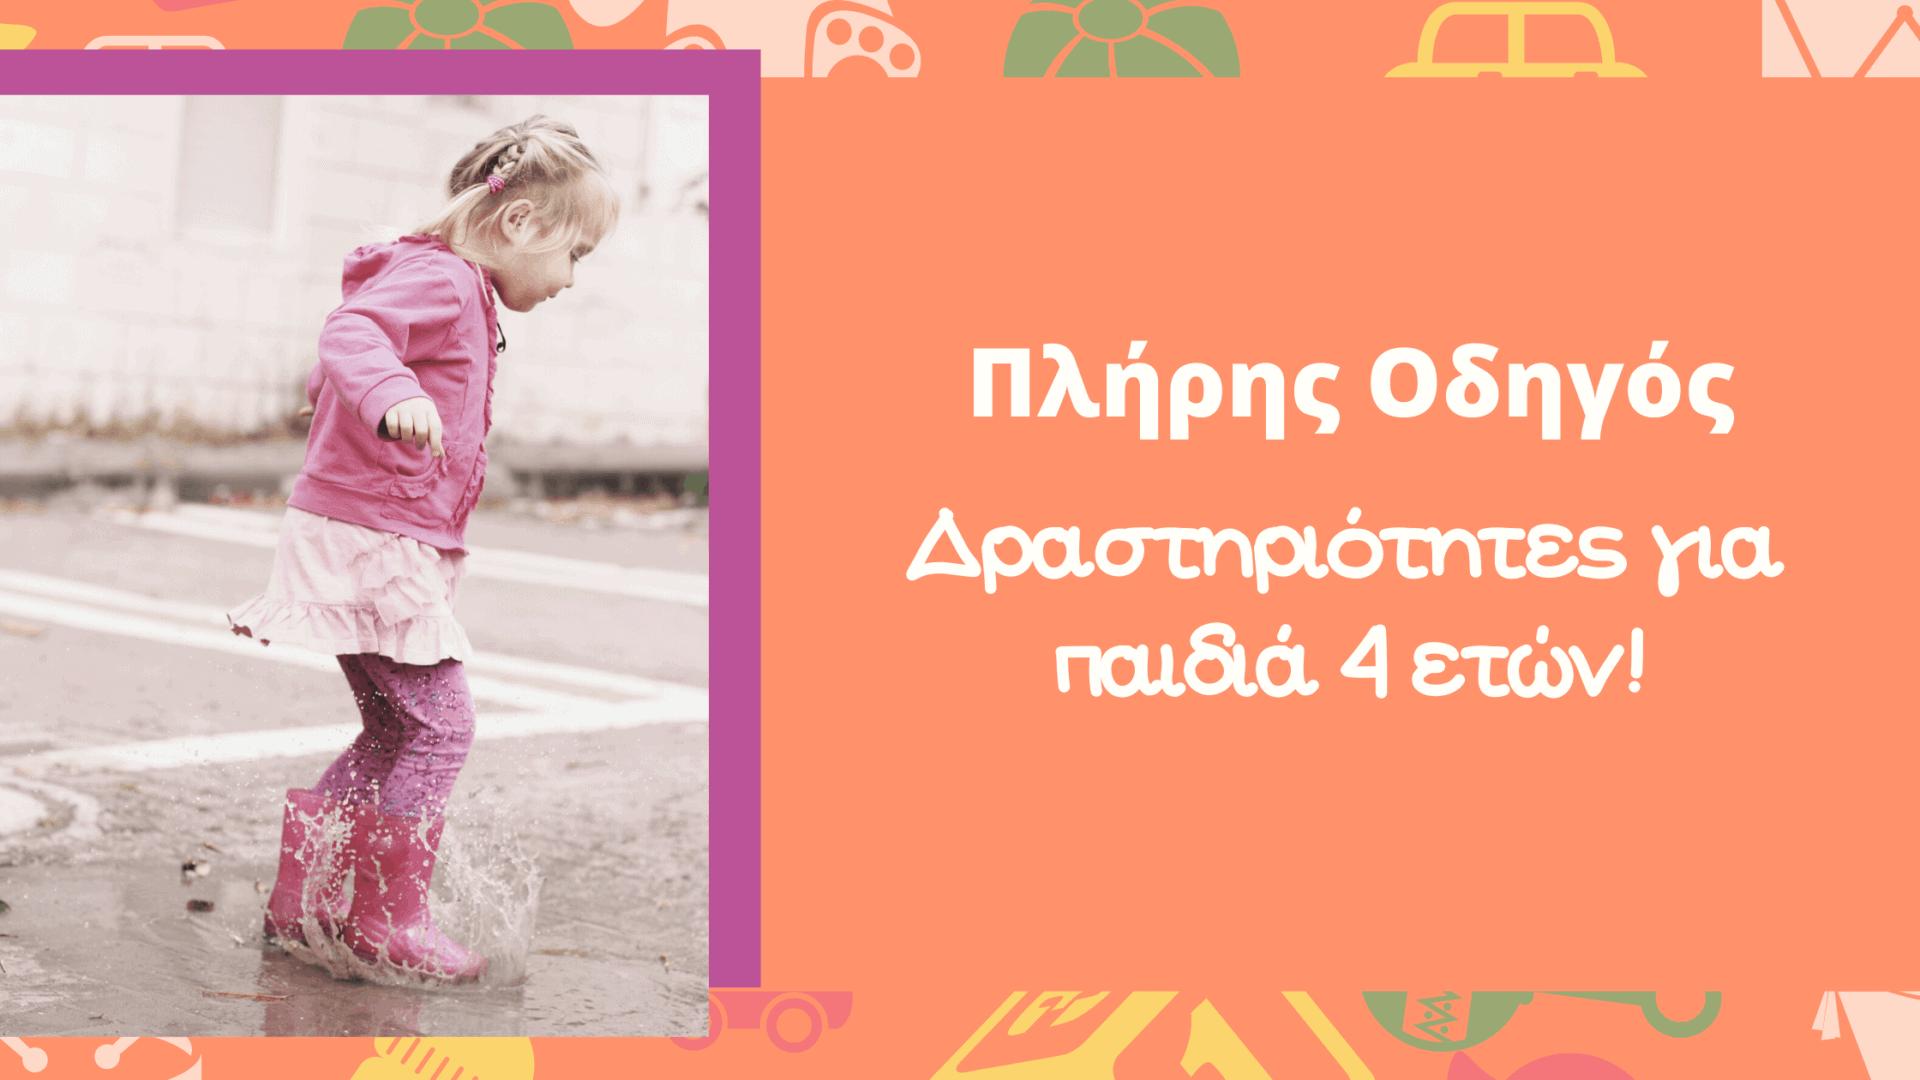 δραστηριότητες για παιδιά 4 ετών